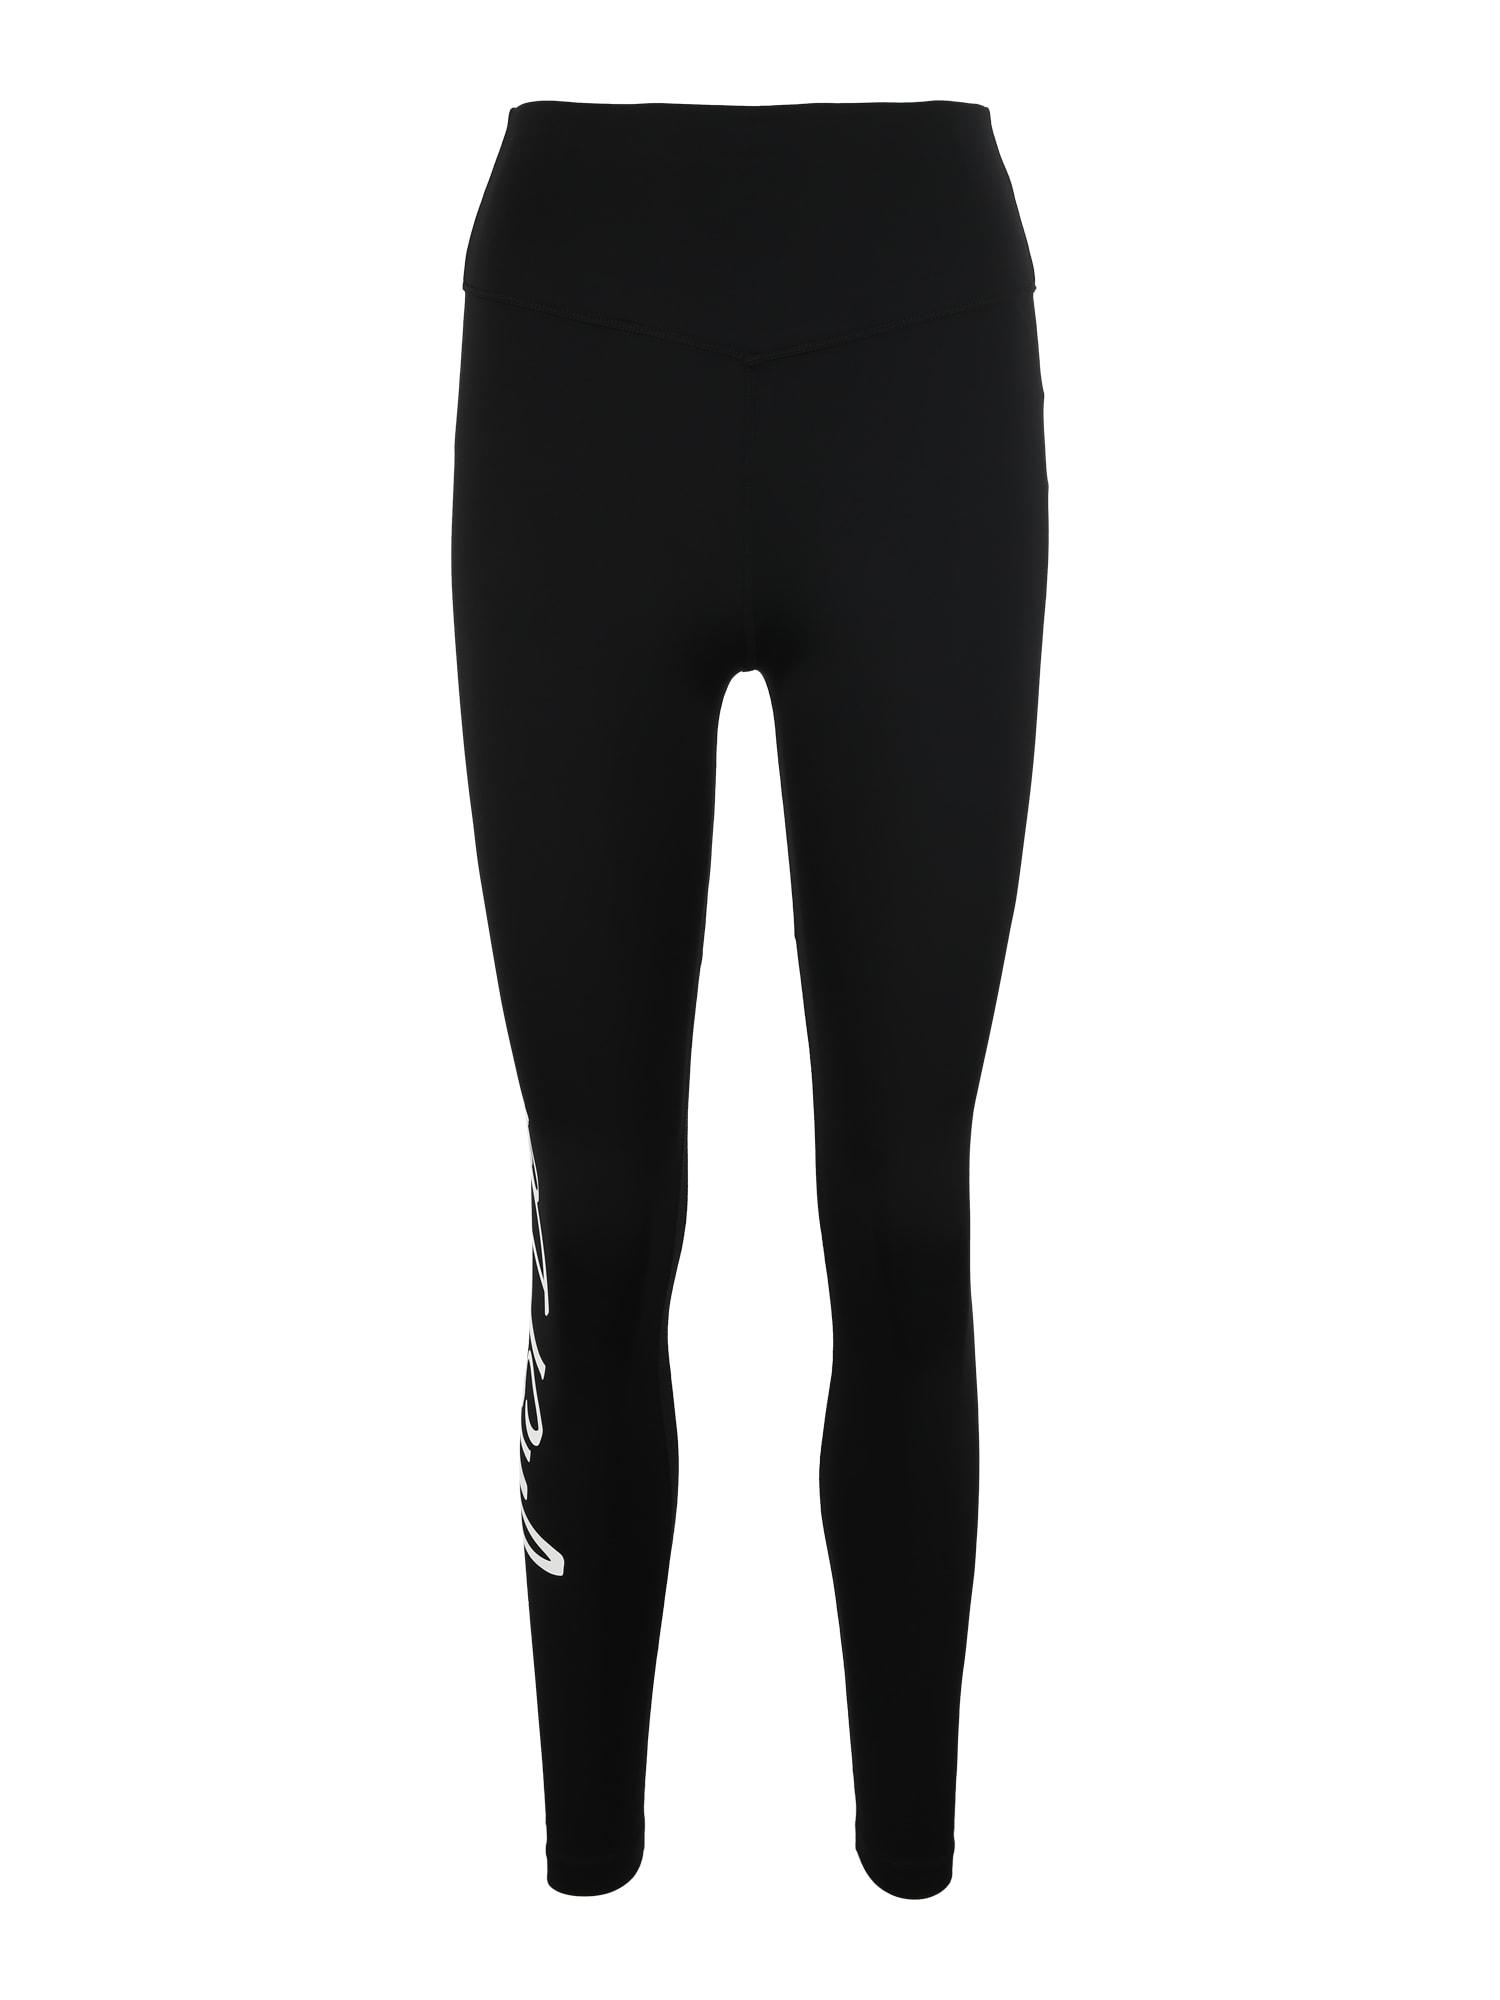 Sportovní kalhoty Just Do It černá bílá NIKE